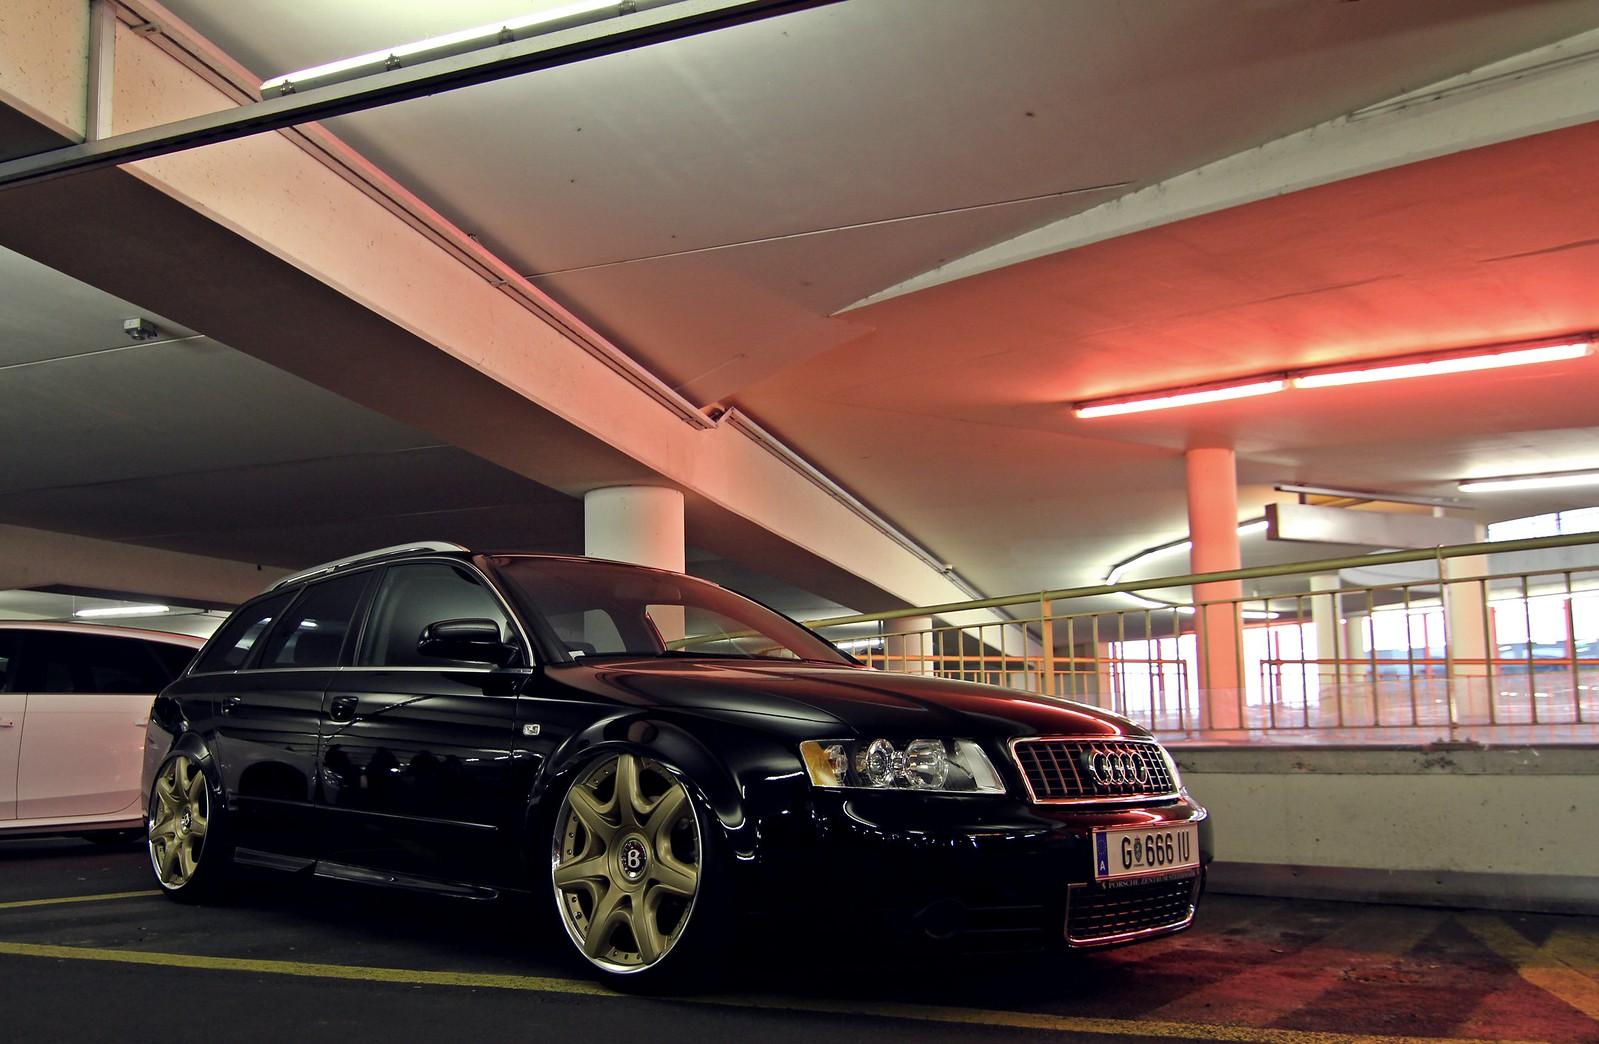 Audi a4 avant airride bentley wheels black schwarz by mycedes via flickr audi pinterest audi a4 audi and wheels